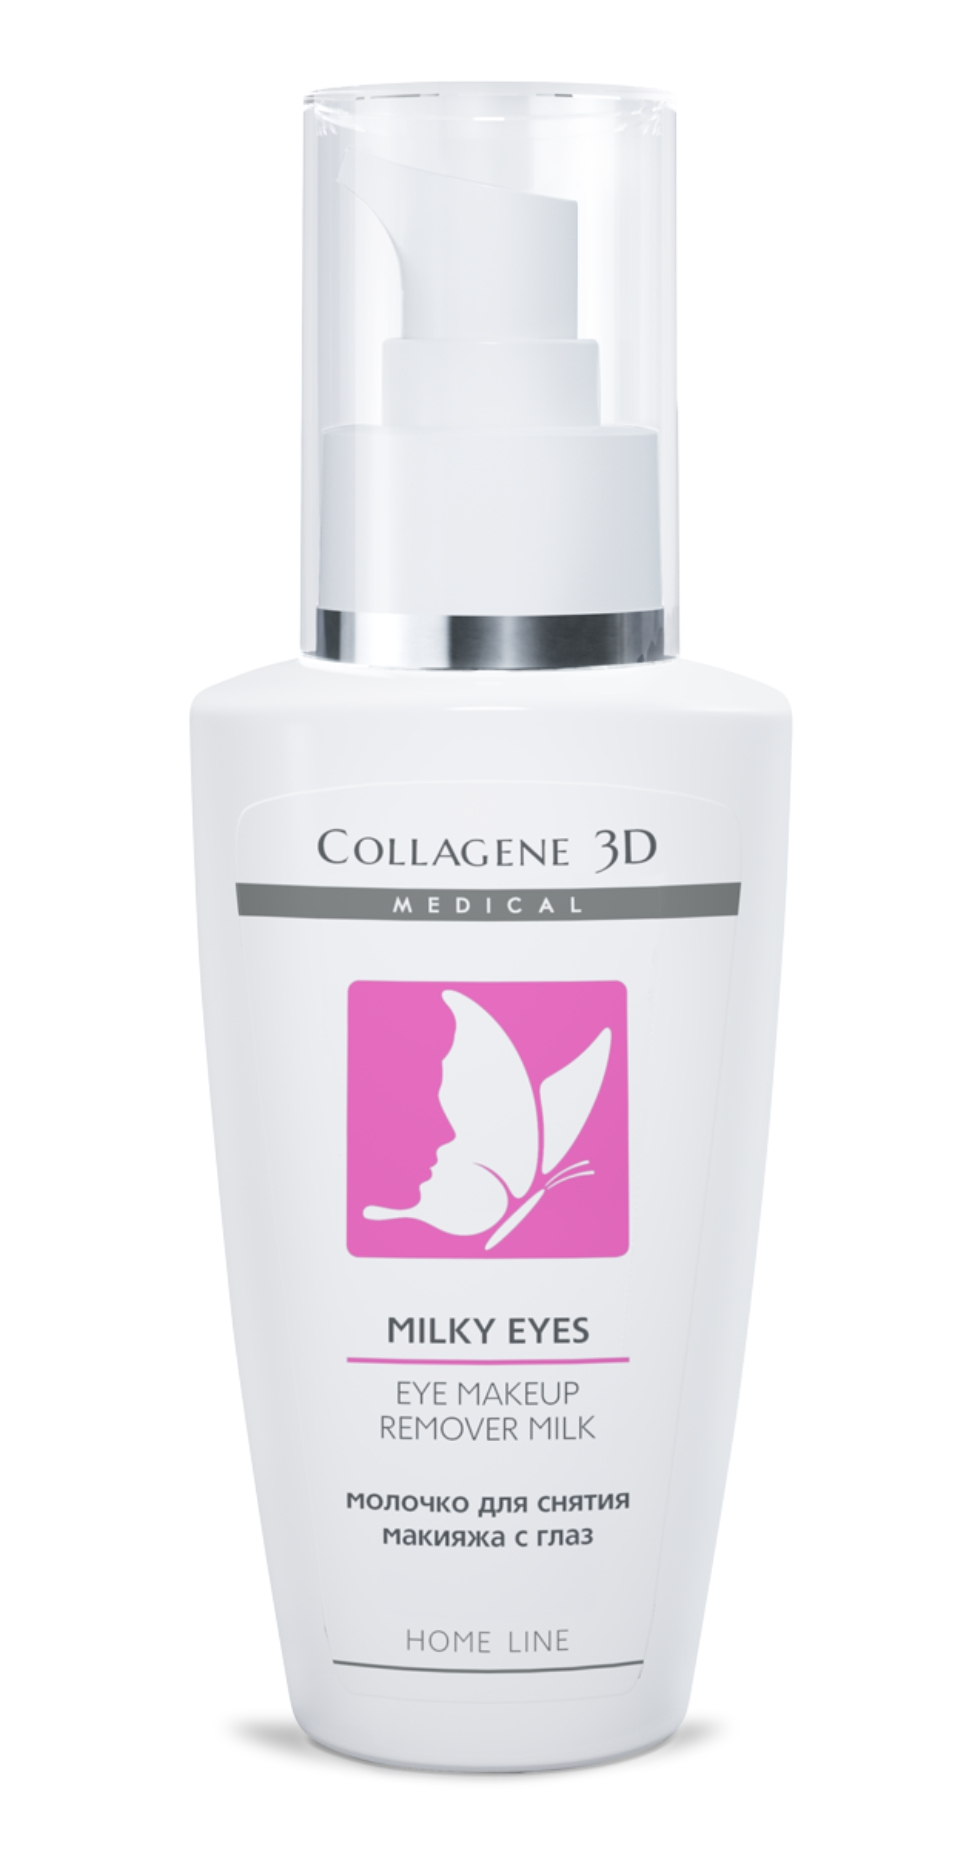 MEDICAL COLLAGENE 3D Молочко очищающее для глаз Milky Eyes 125мл